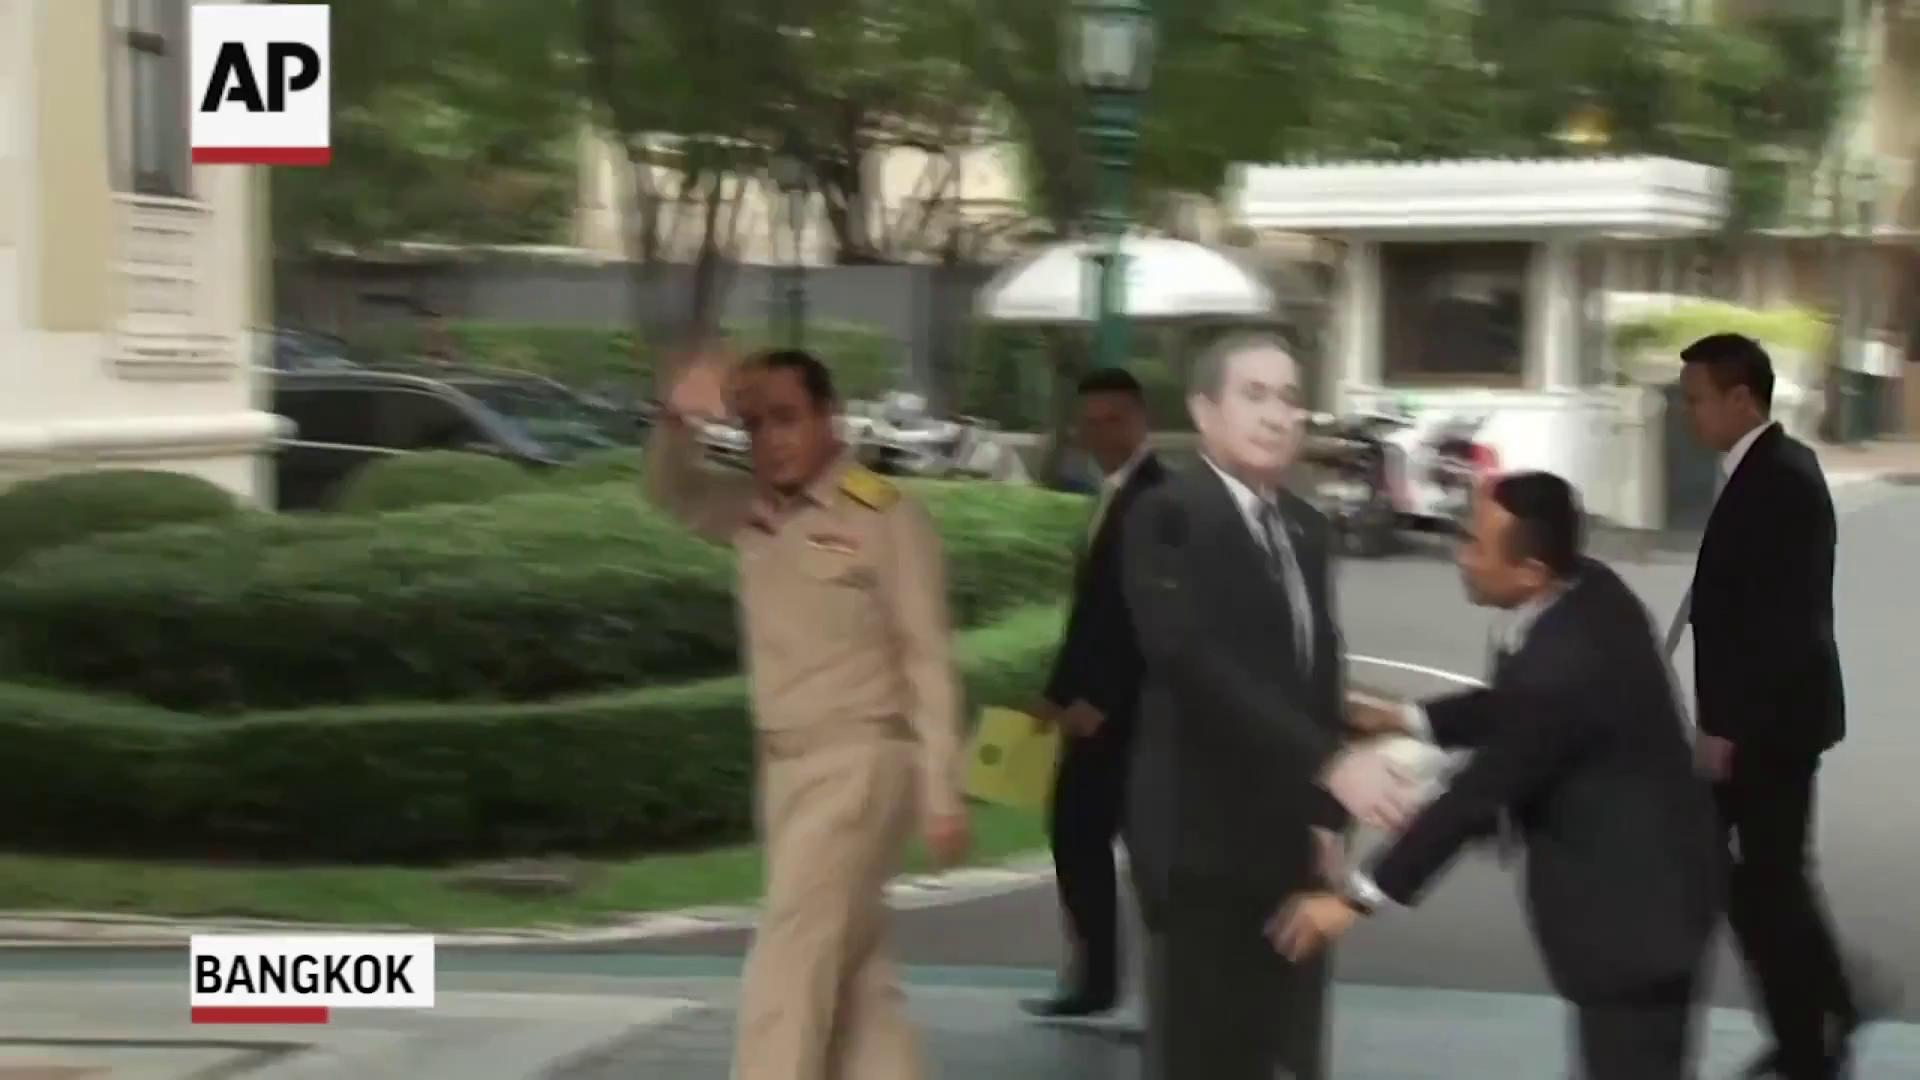 Thủ tướng Thái Lan đã đưa ra sáng kiến độc đáo để né tránh câu hỏi nhạy cảm từ báo giới. Nguồn: AP.